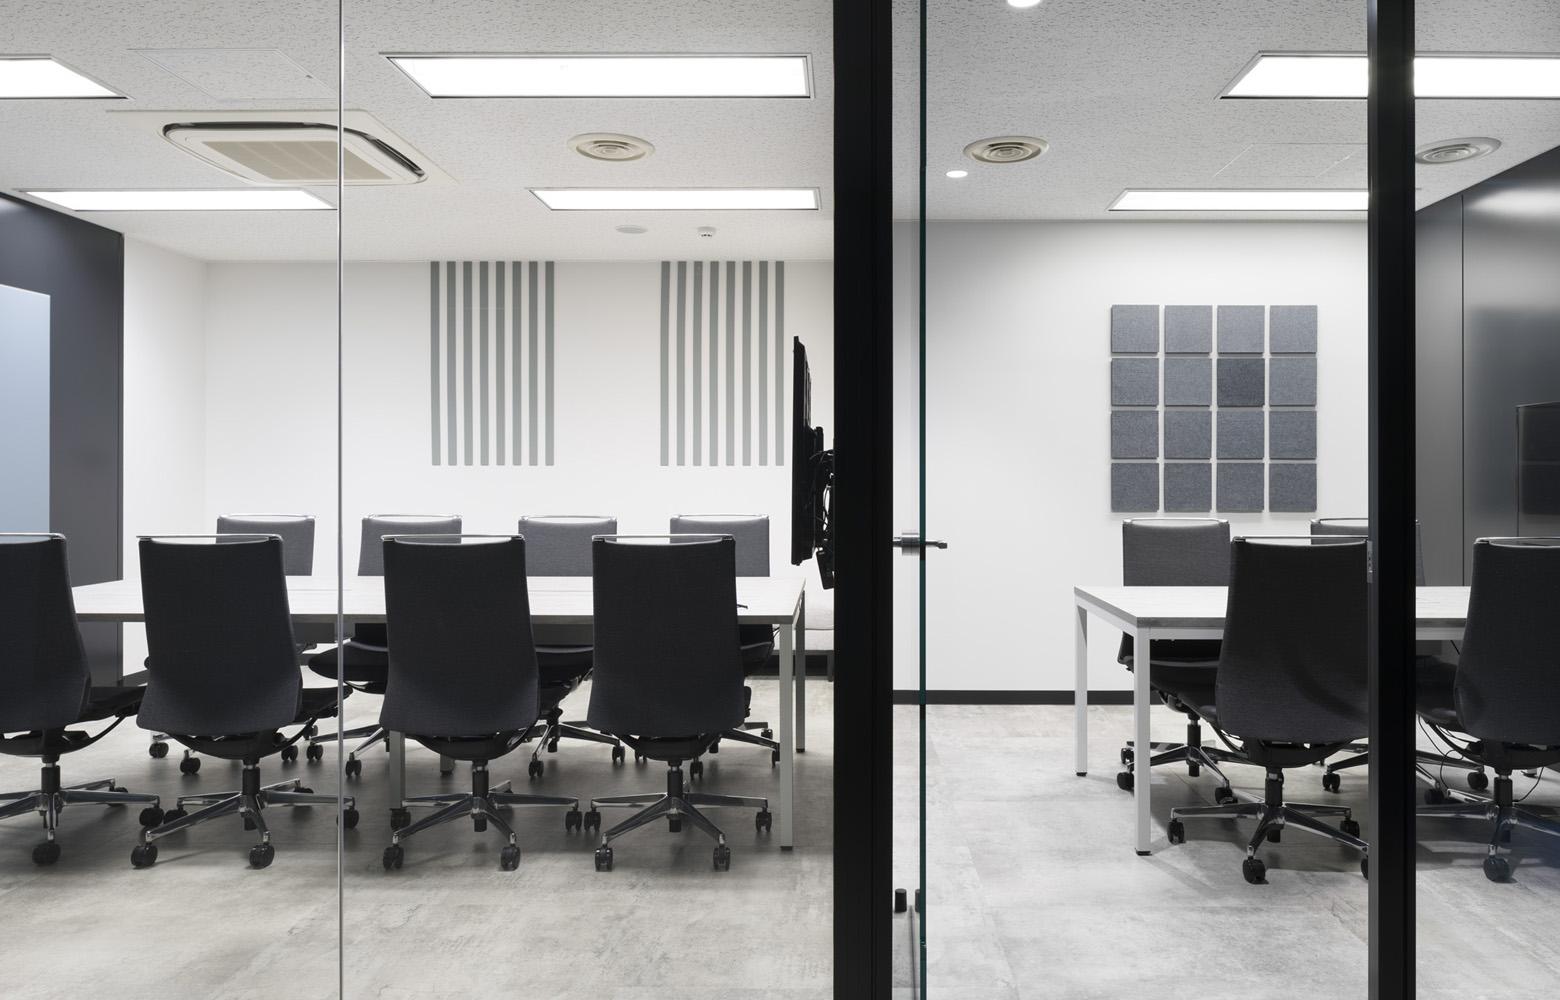 リンクタイズ株式会社 Meeting Room_2 デザイン・レイアウト事例